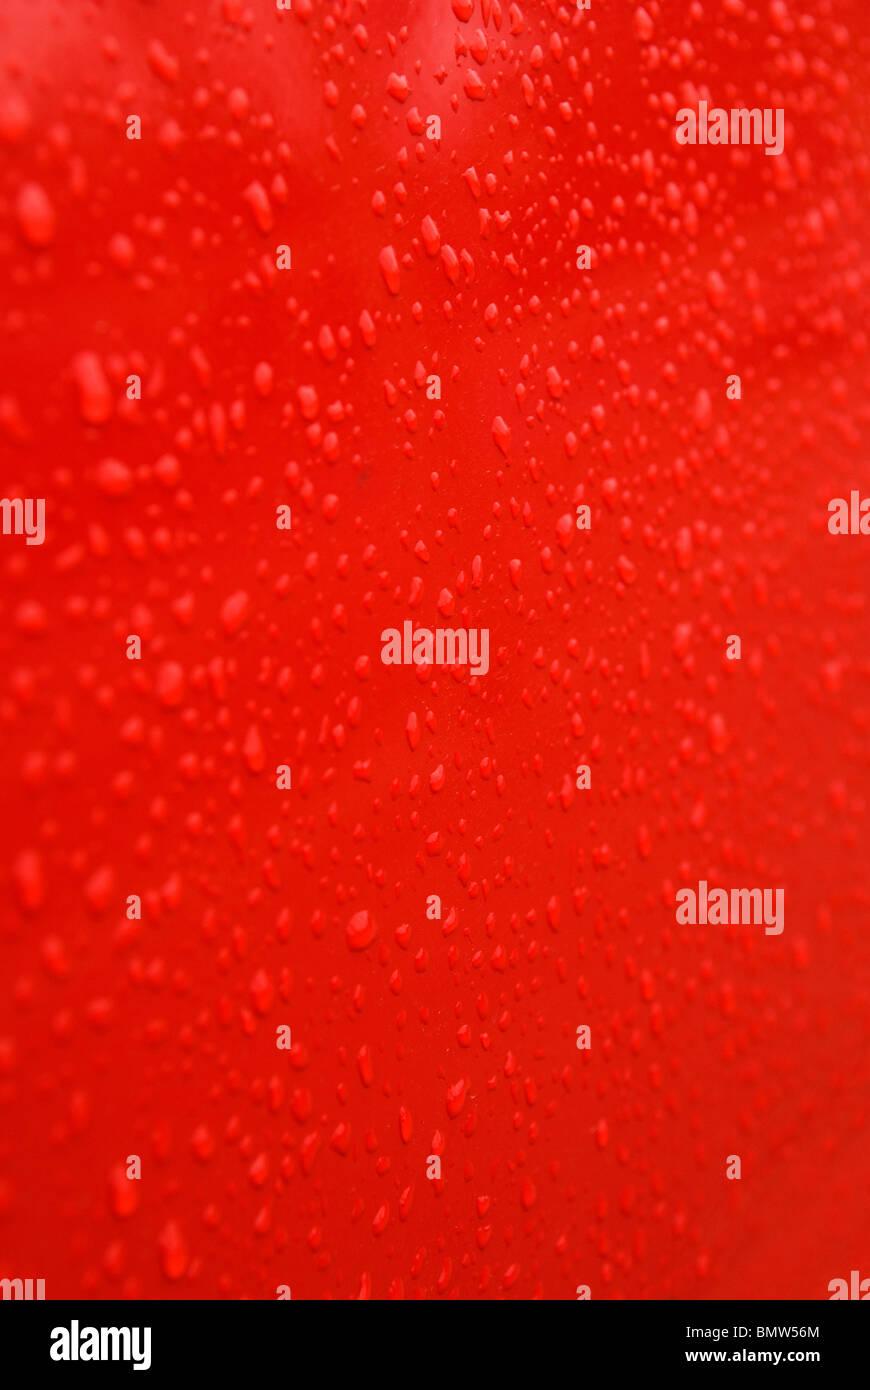 Résumé fond rouge goutte d'eau sur une texture Photo Stock